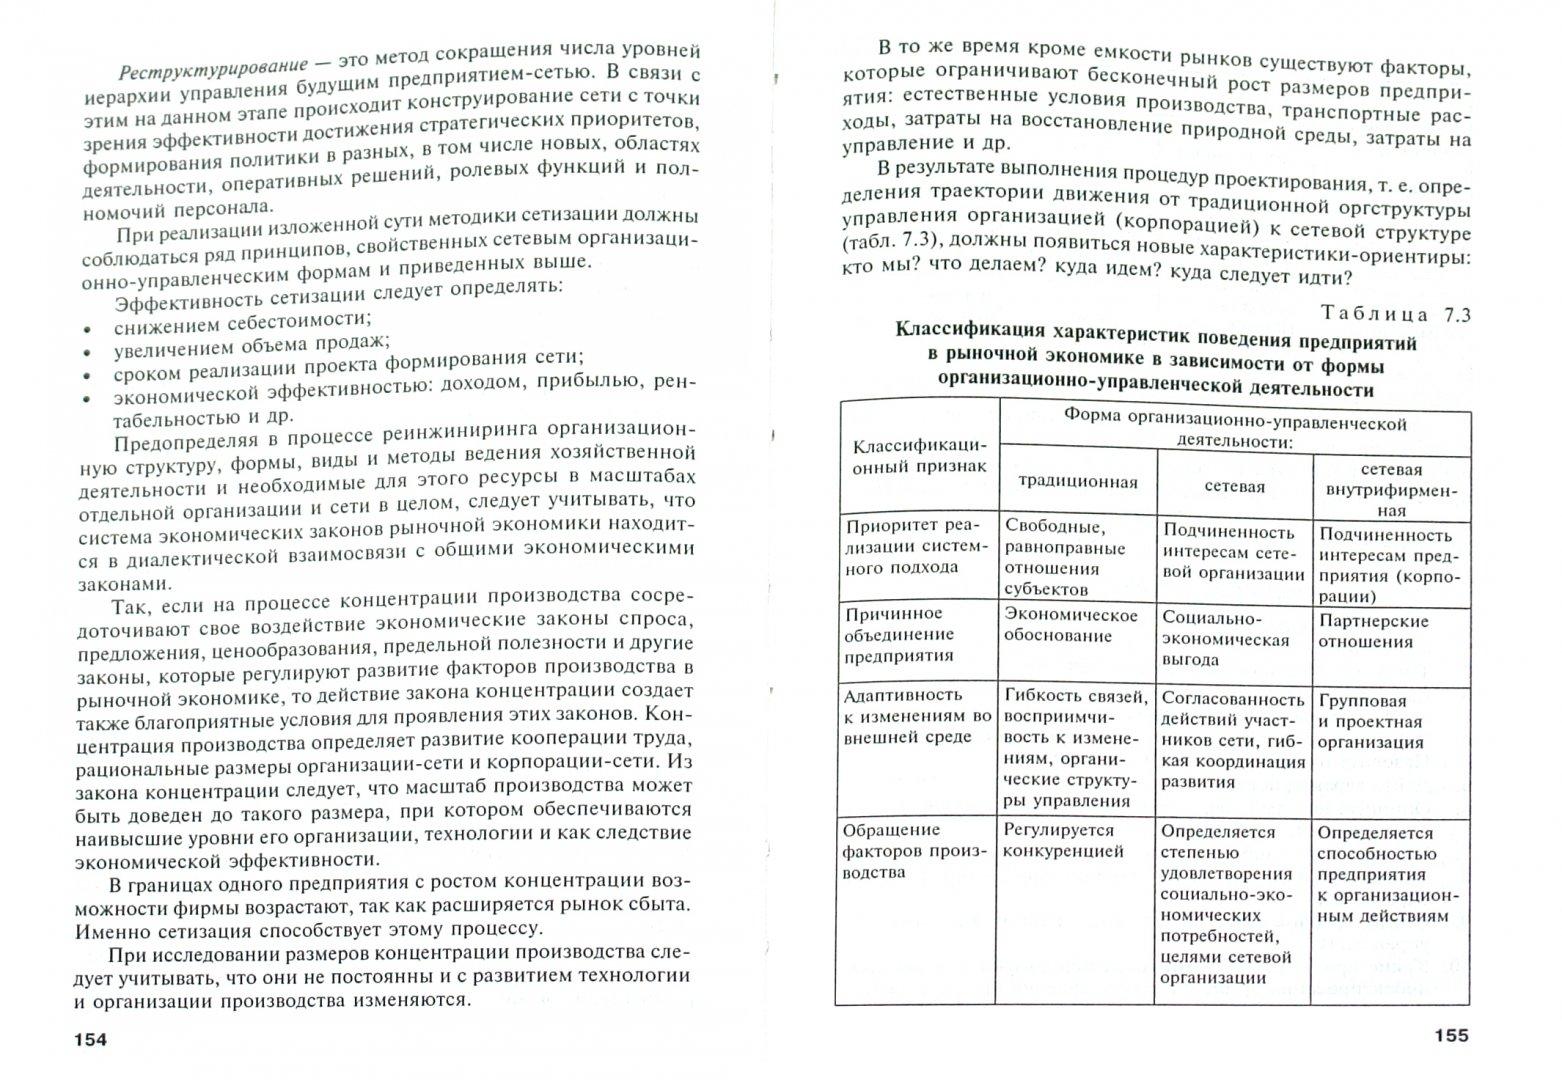 Иллюстрация 1 из 15 для Менеджмент - Переверзев, Басовский, Шайденко | Лабиринт - книги. Источник: Лабиринт